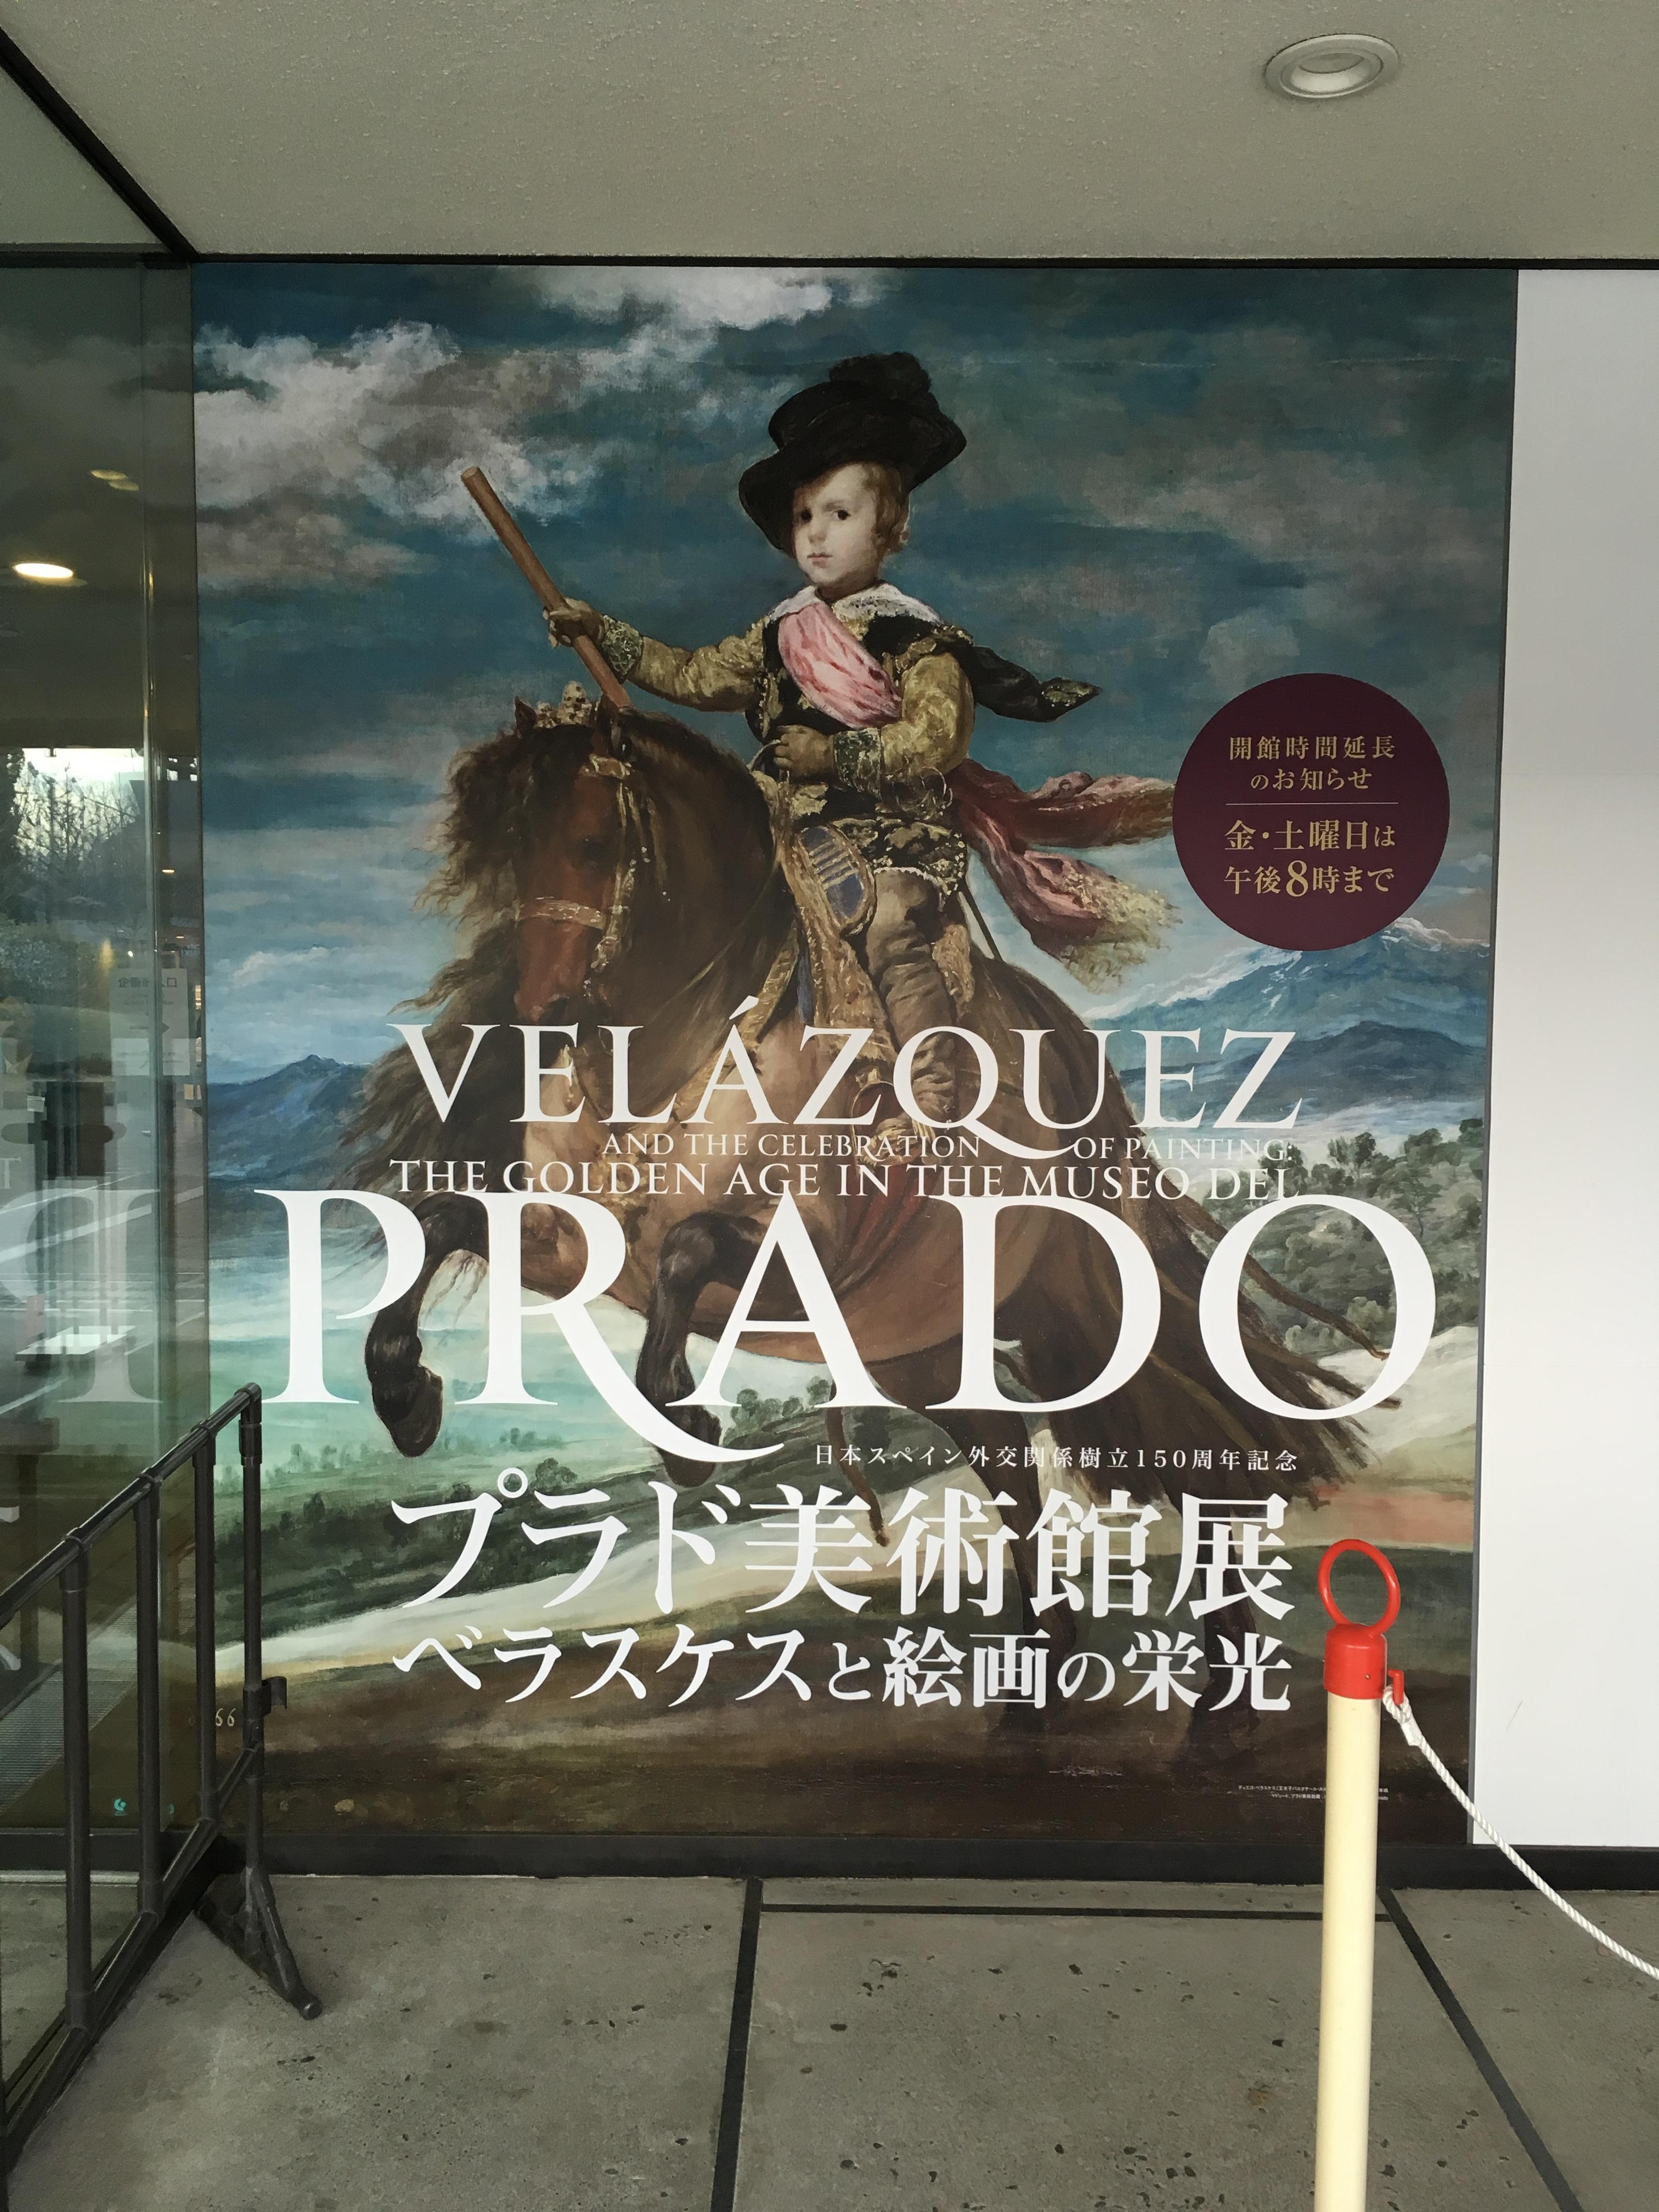 ベラスケス:プラド美術館展を見て